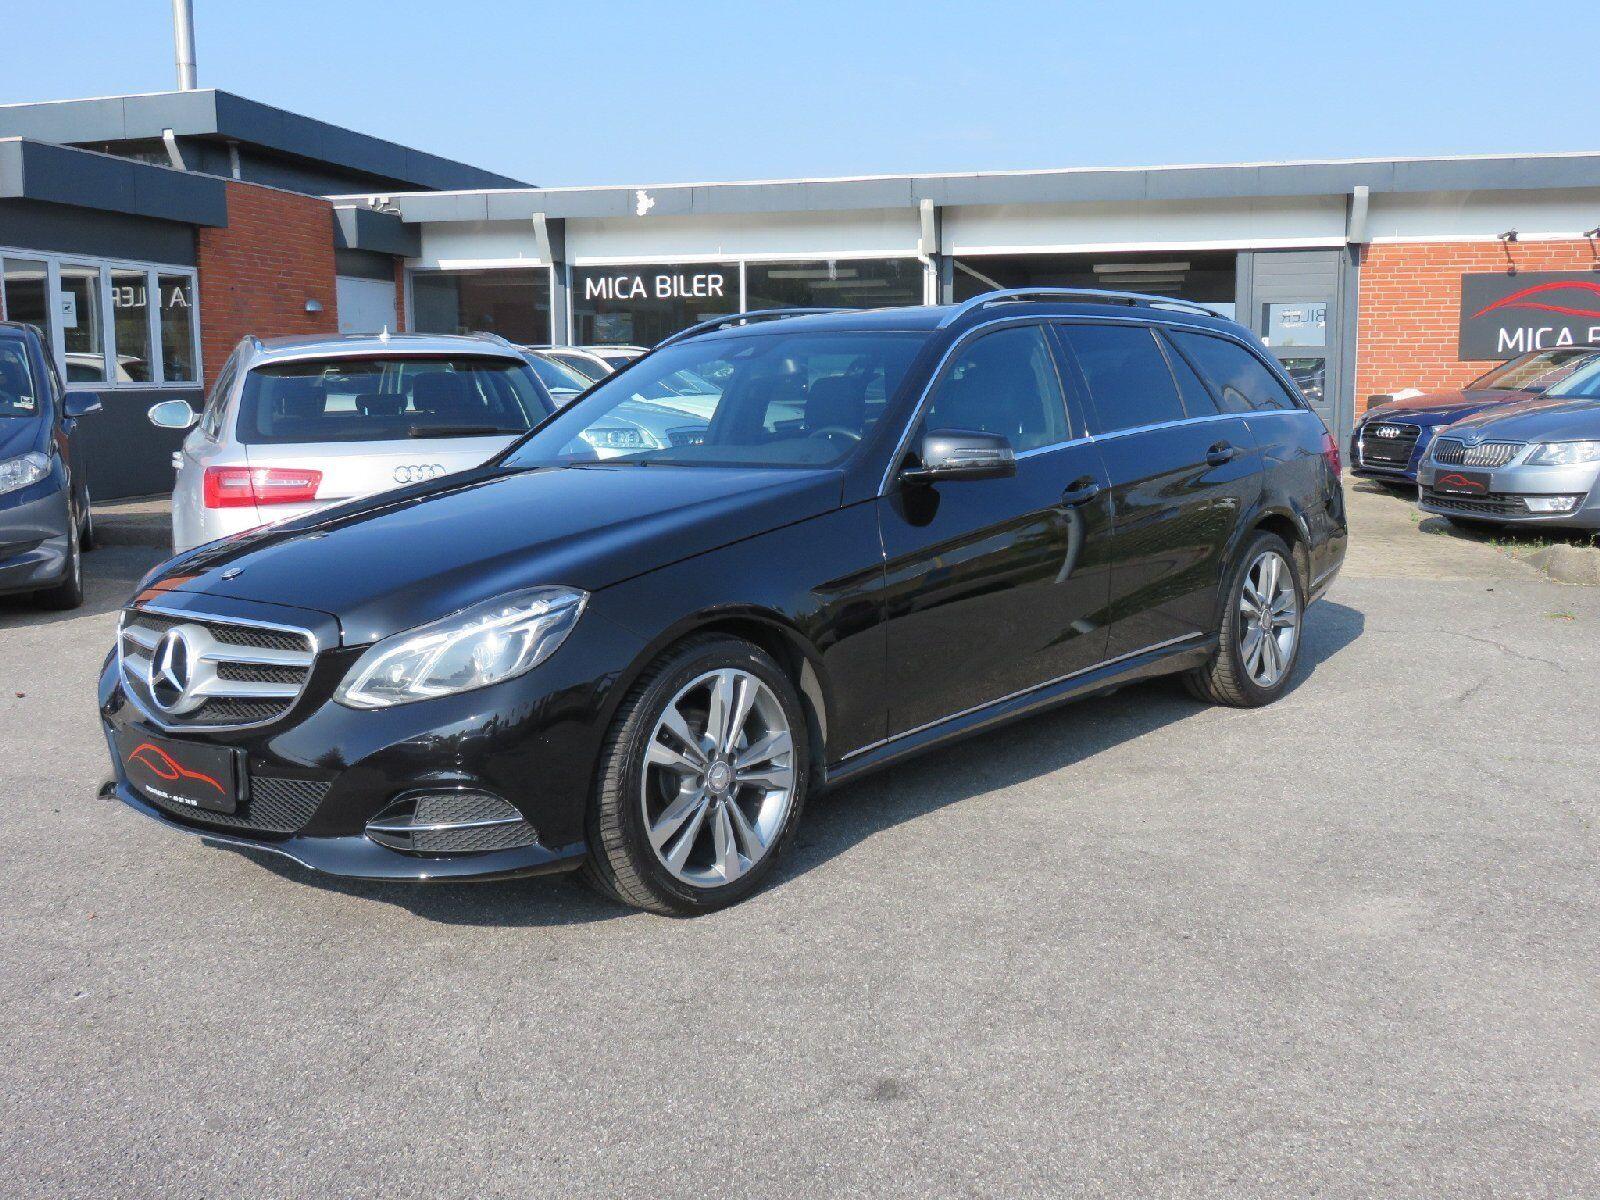 Mercedes E220 2,2 CDi Avantgarde stc. aut. BE 5d - 383.200 kr.